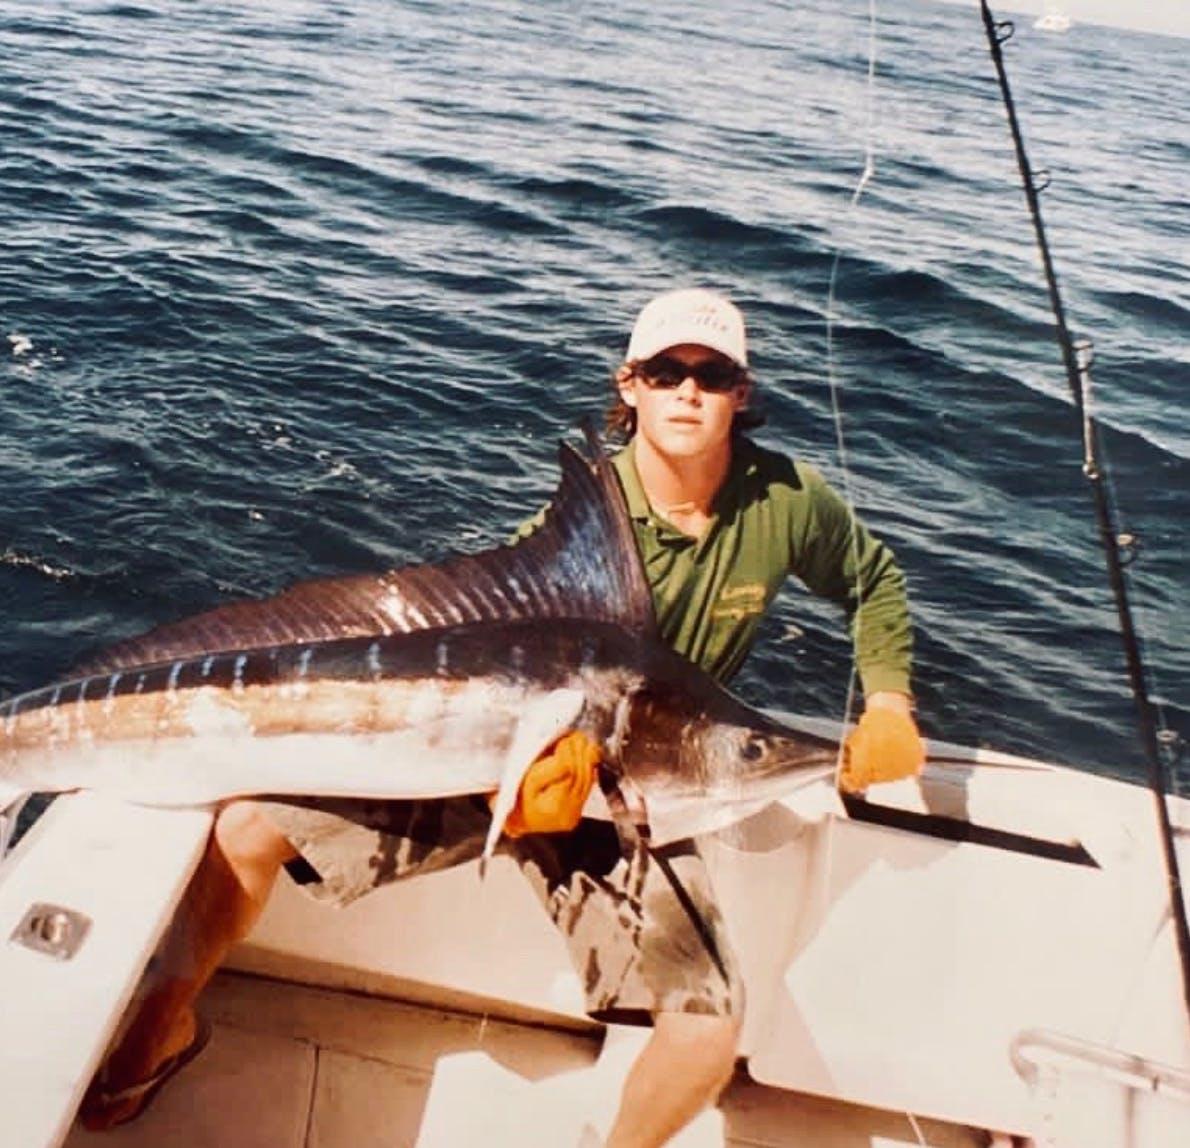 Vincent avec un beau marlin rayé pêché en 6 lbs au Mexique